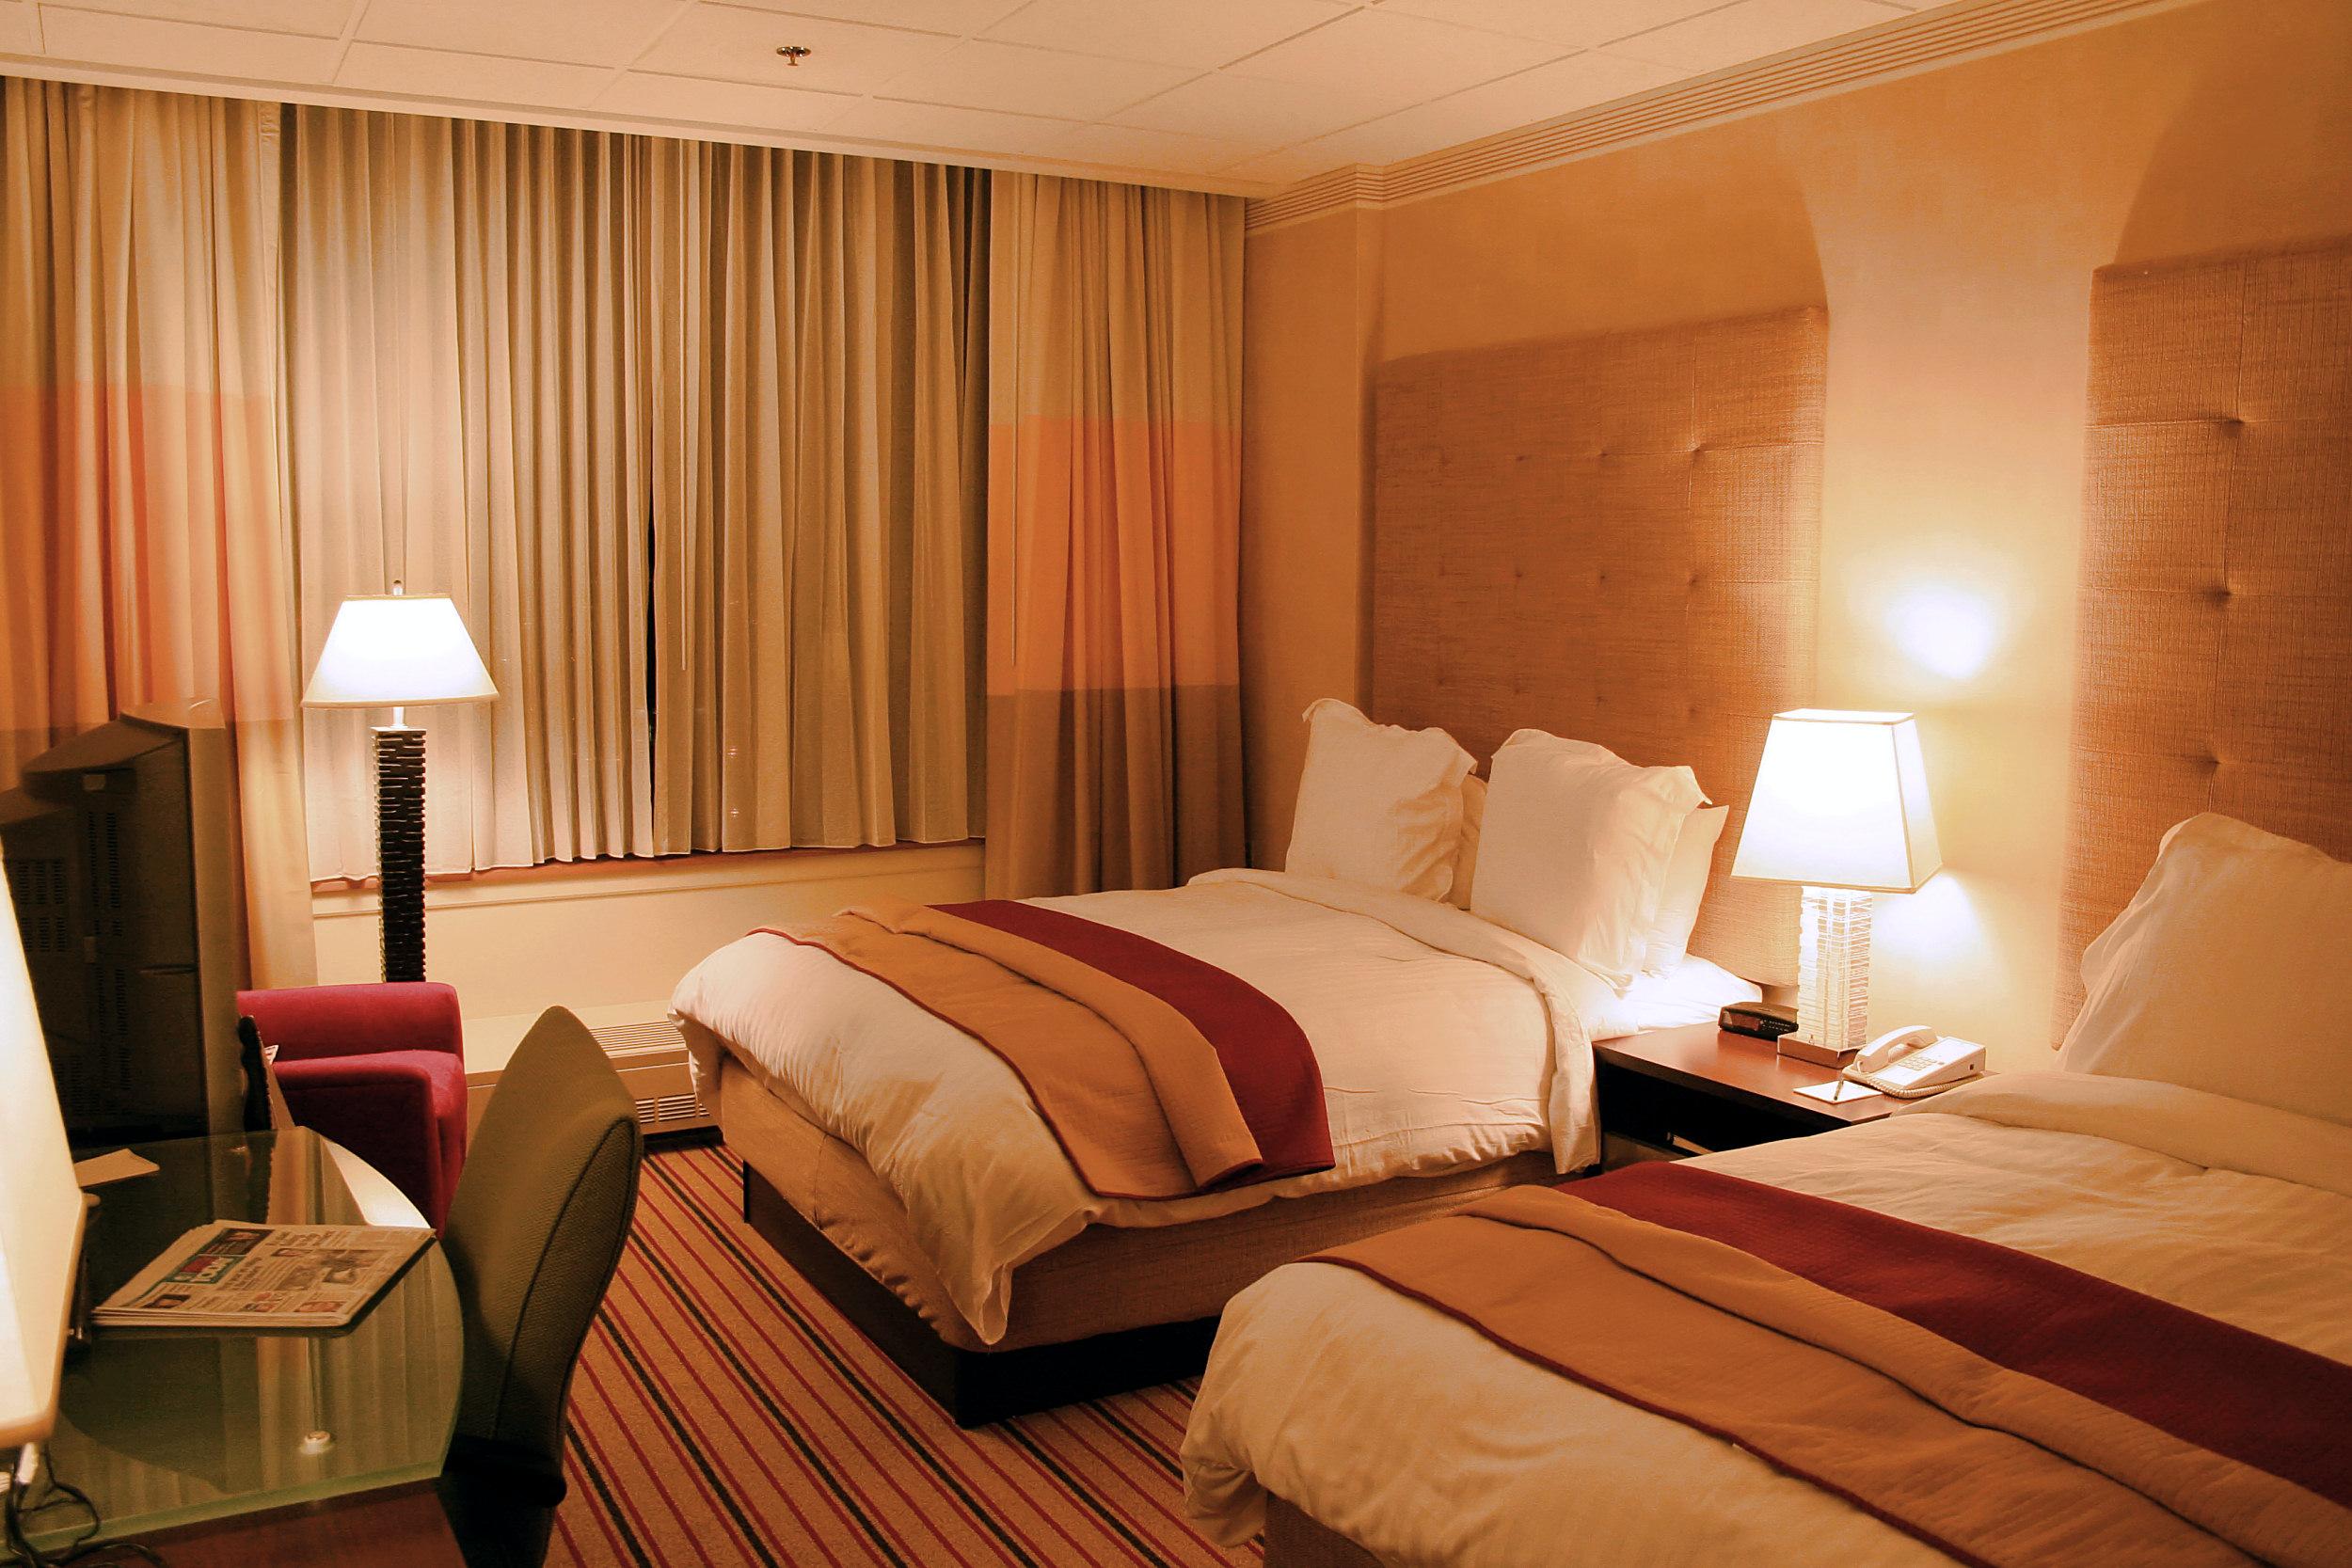 H tels g tes et chambres d 39 h tes comment communiquer for Chambre d hotel france